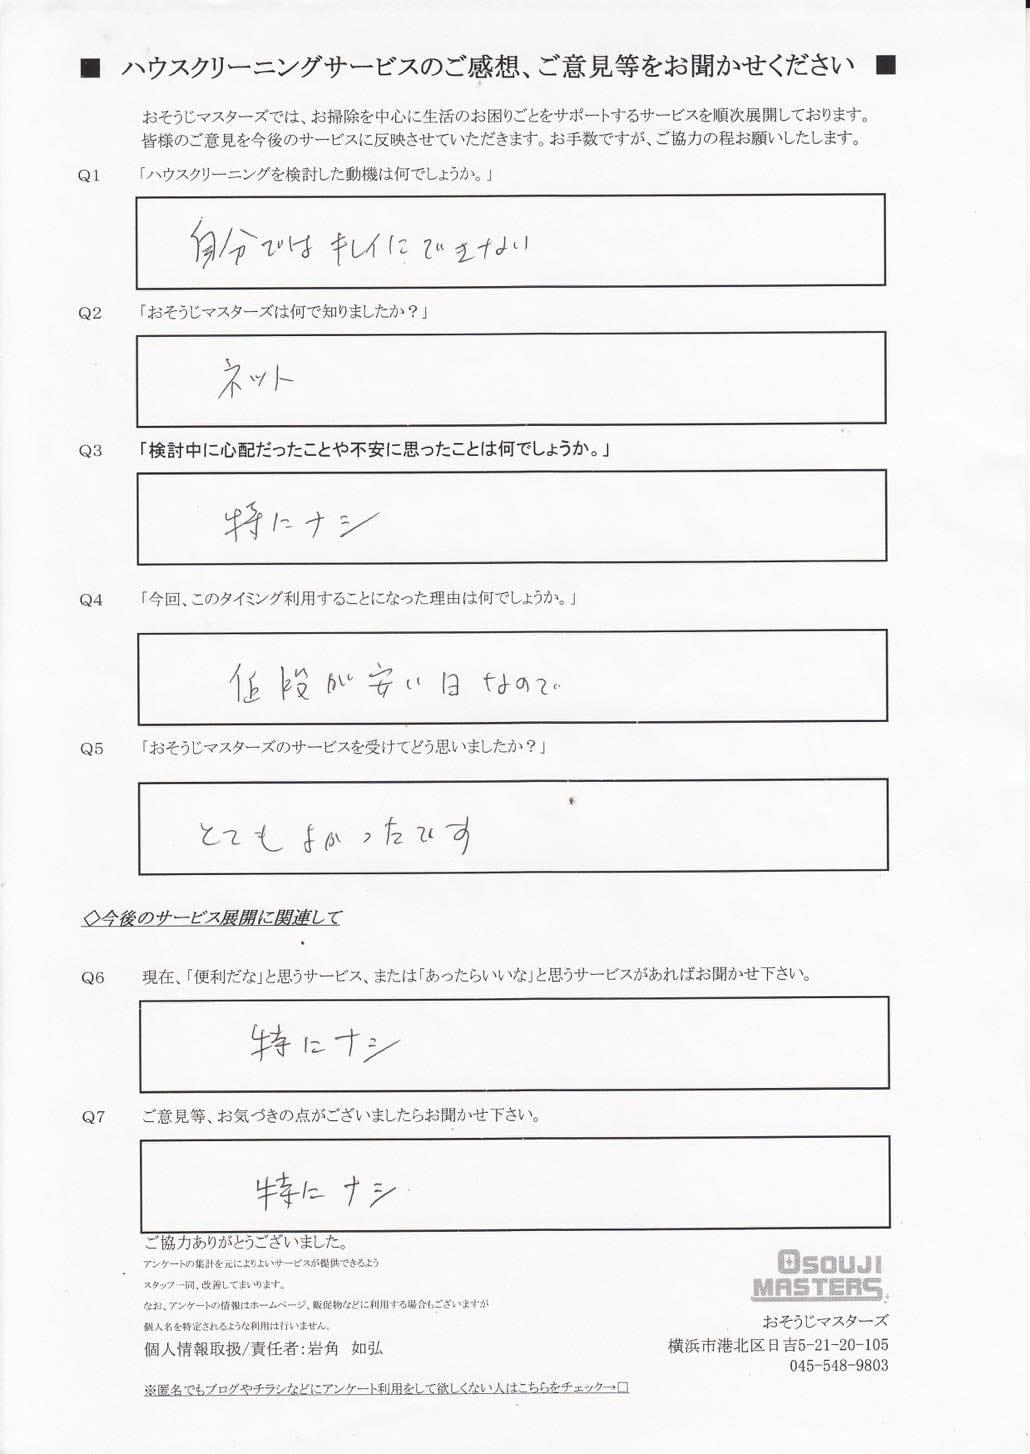 2015/07/07 エアコン浴室クリーング 【横浜市西区】